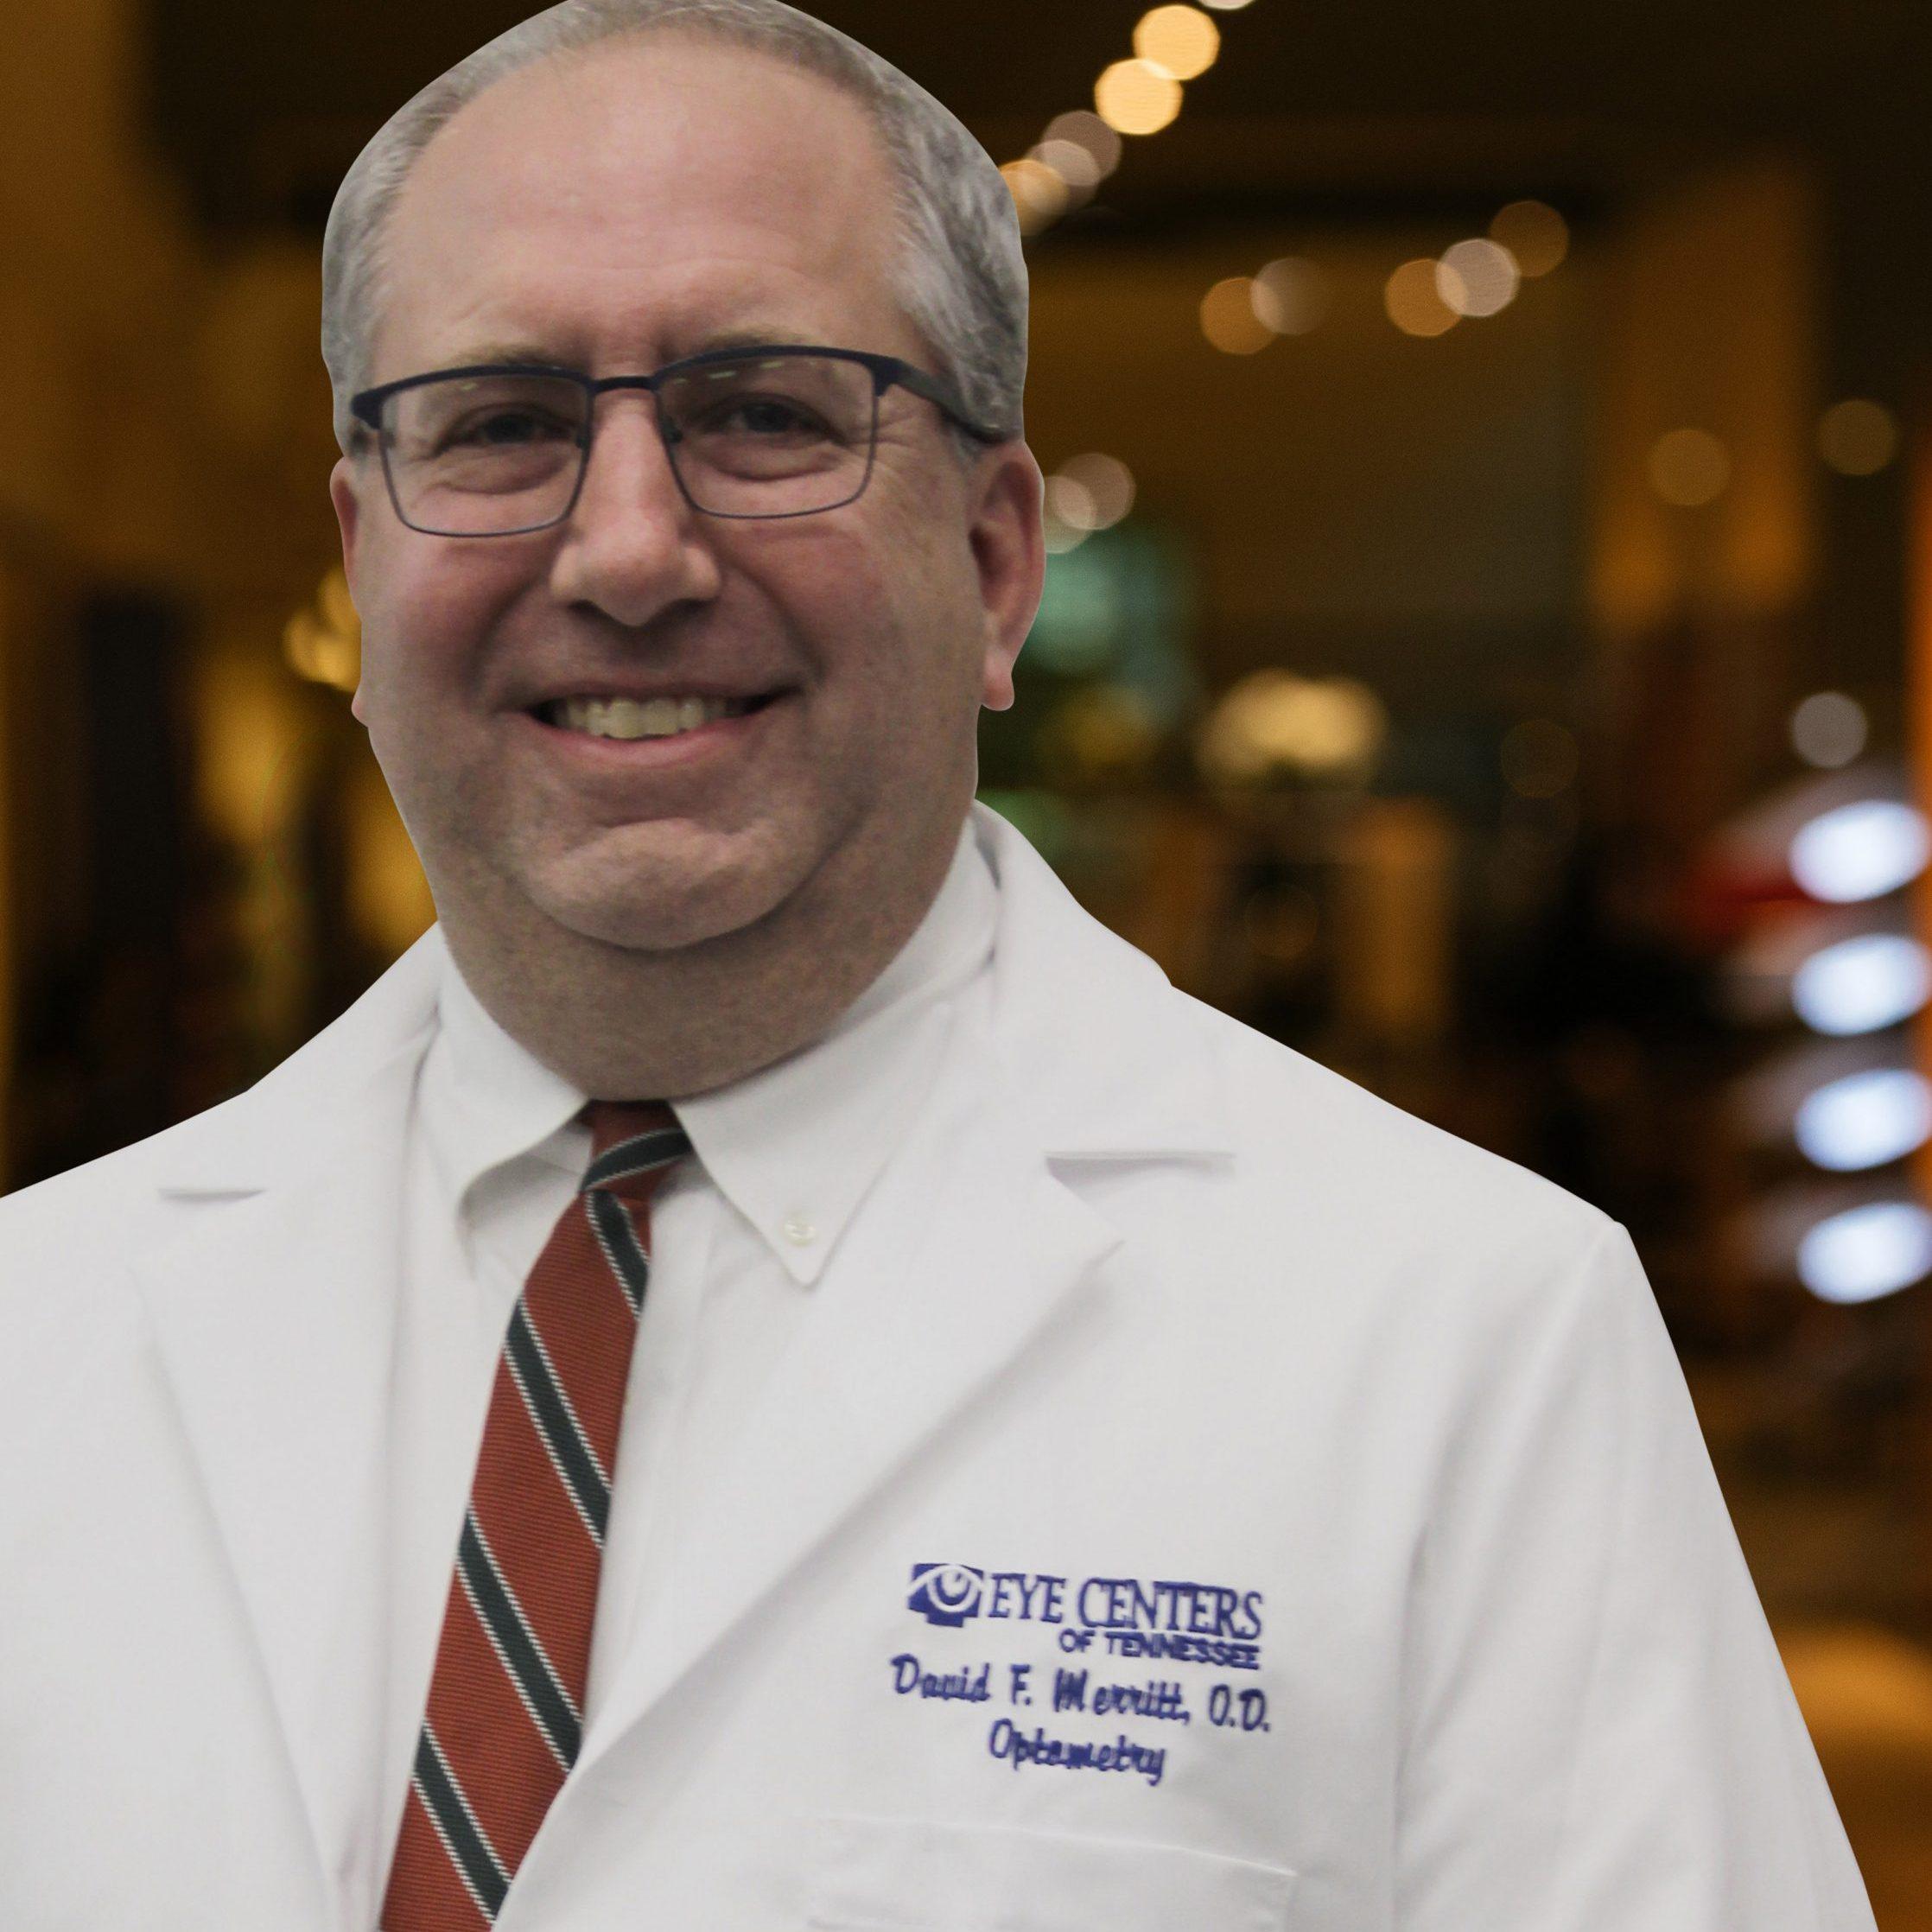 Dr. Merritt